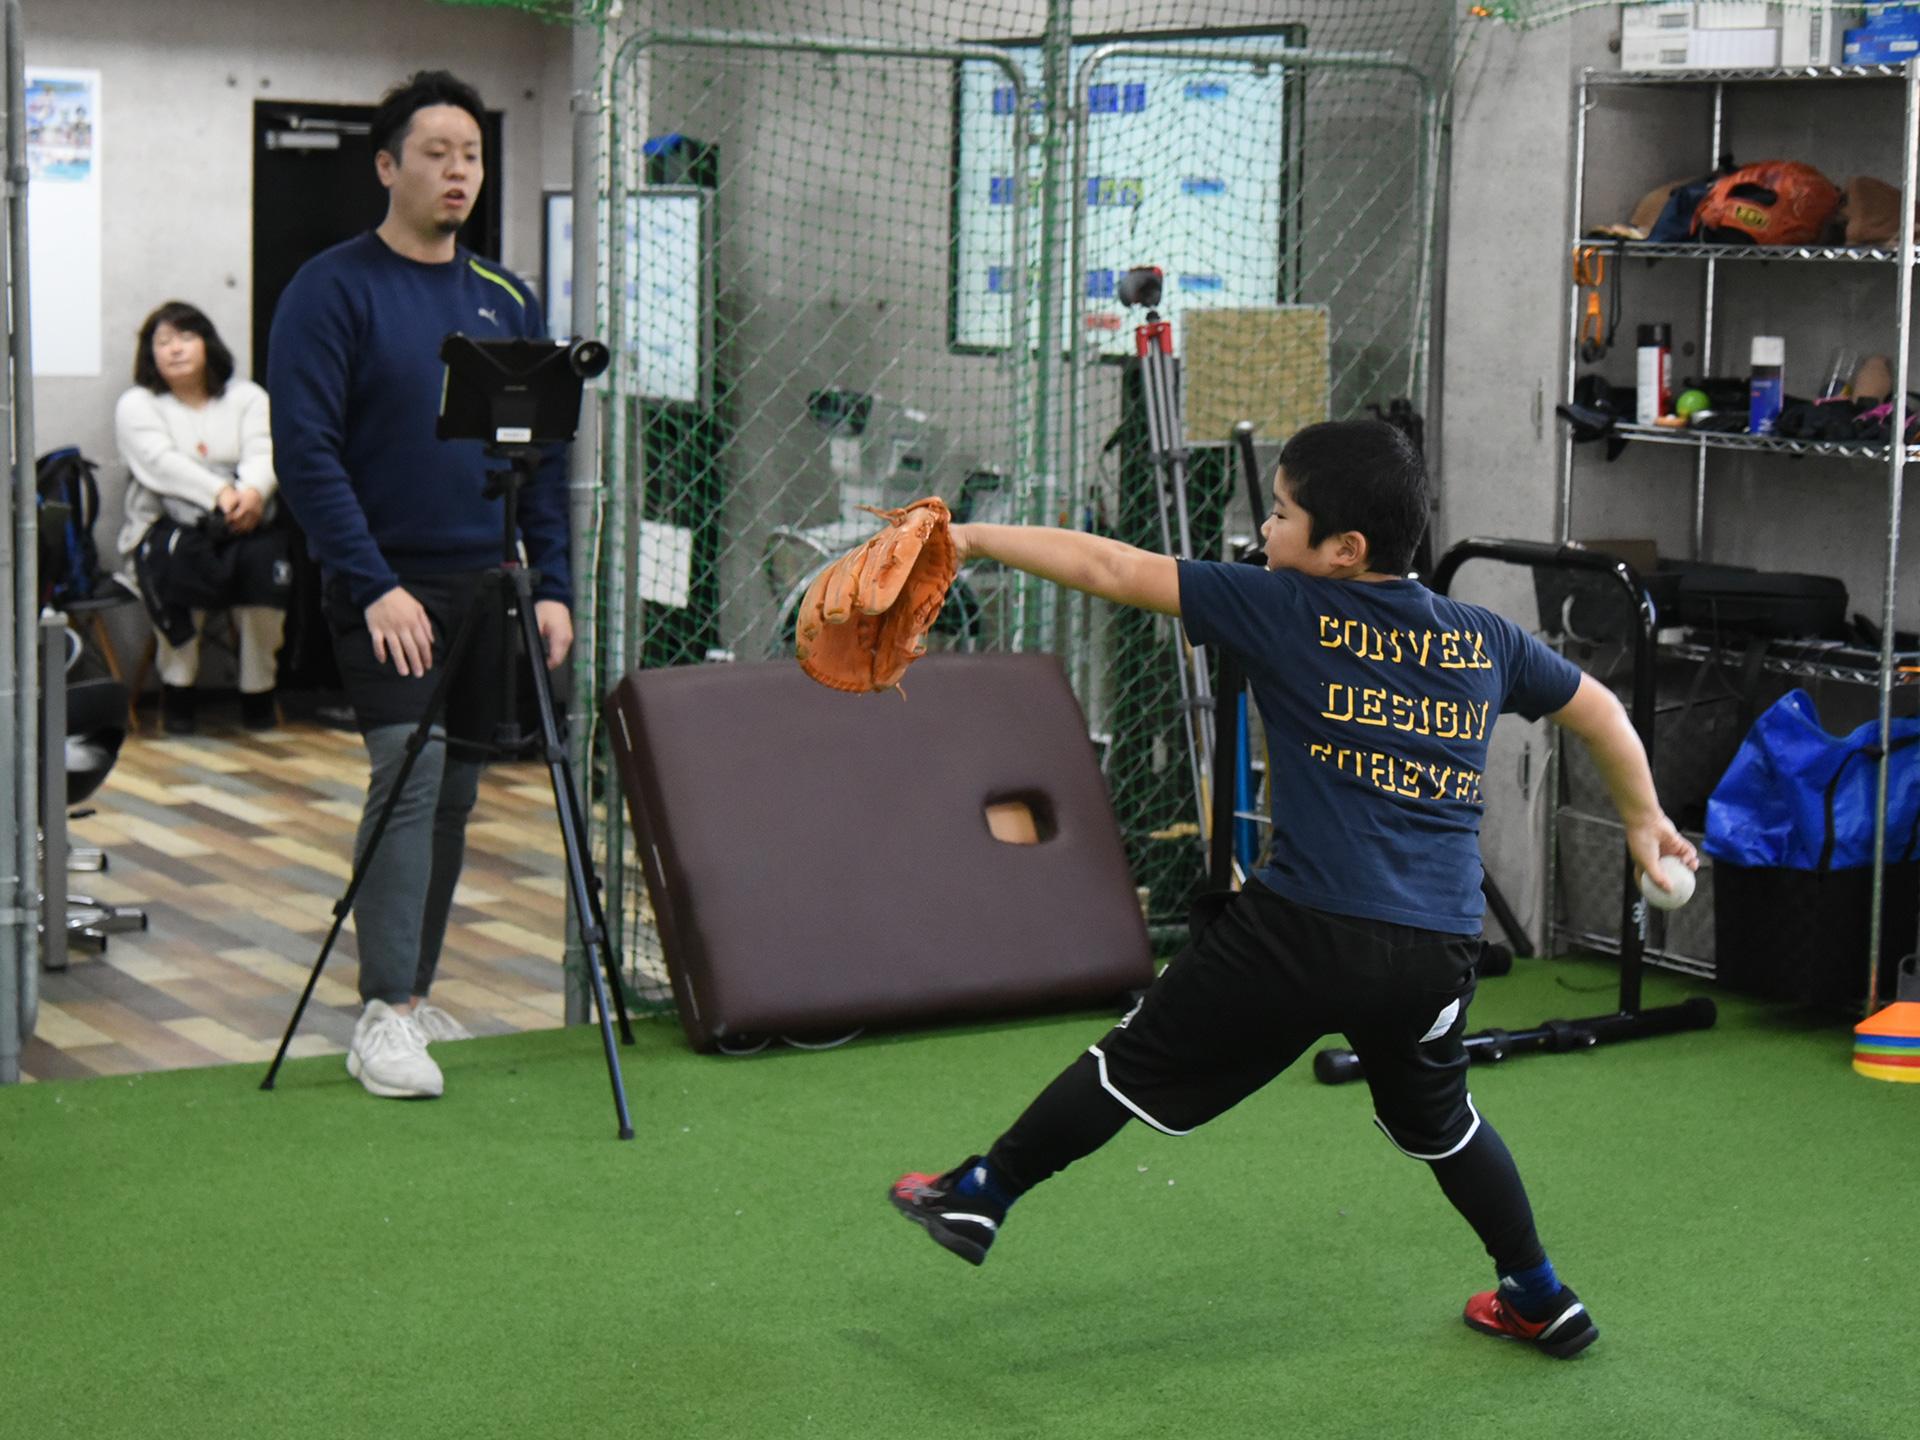 ピッチングトレーニング(投球・送球レッスン)